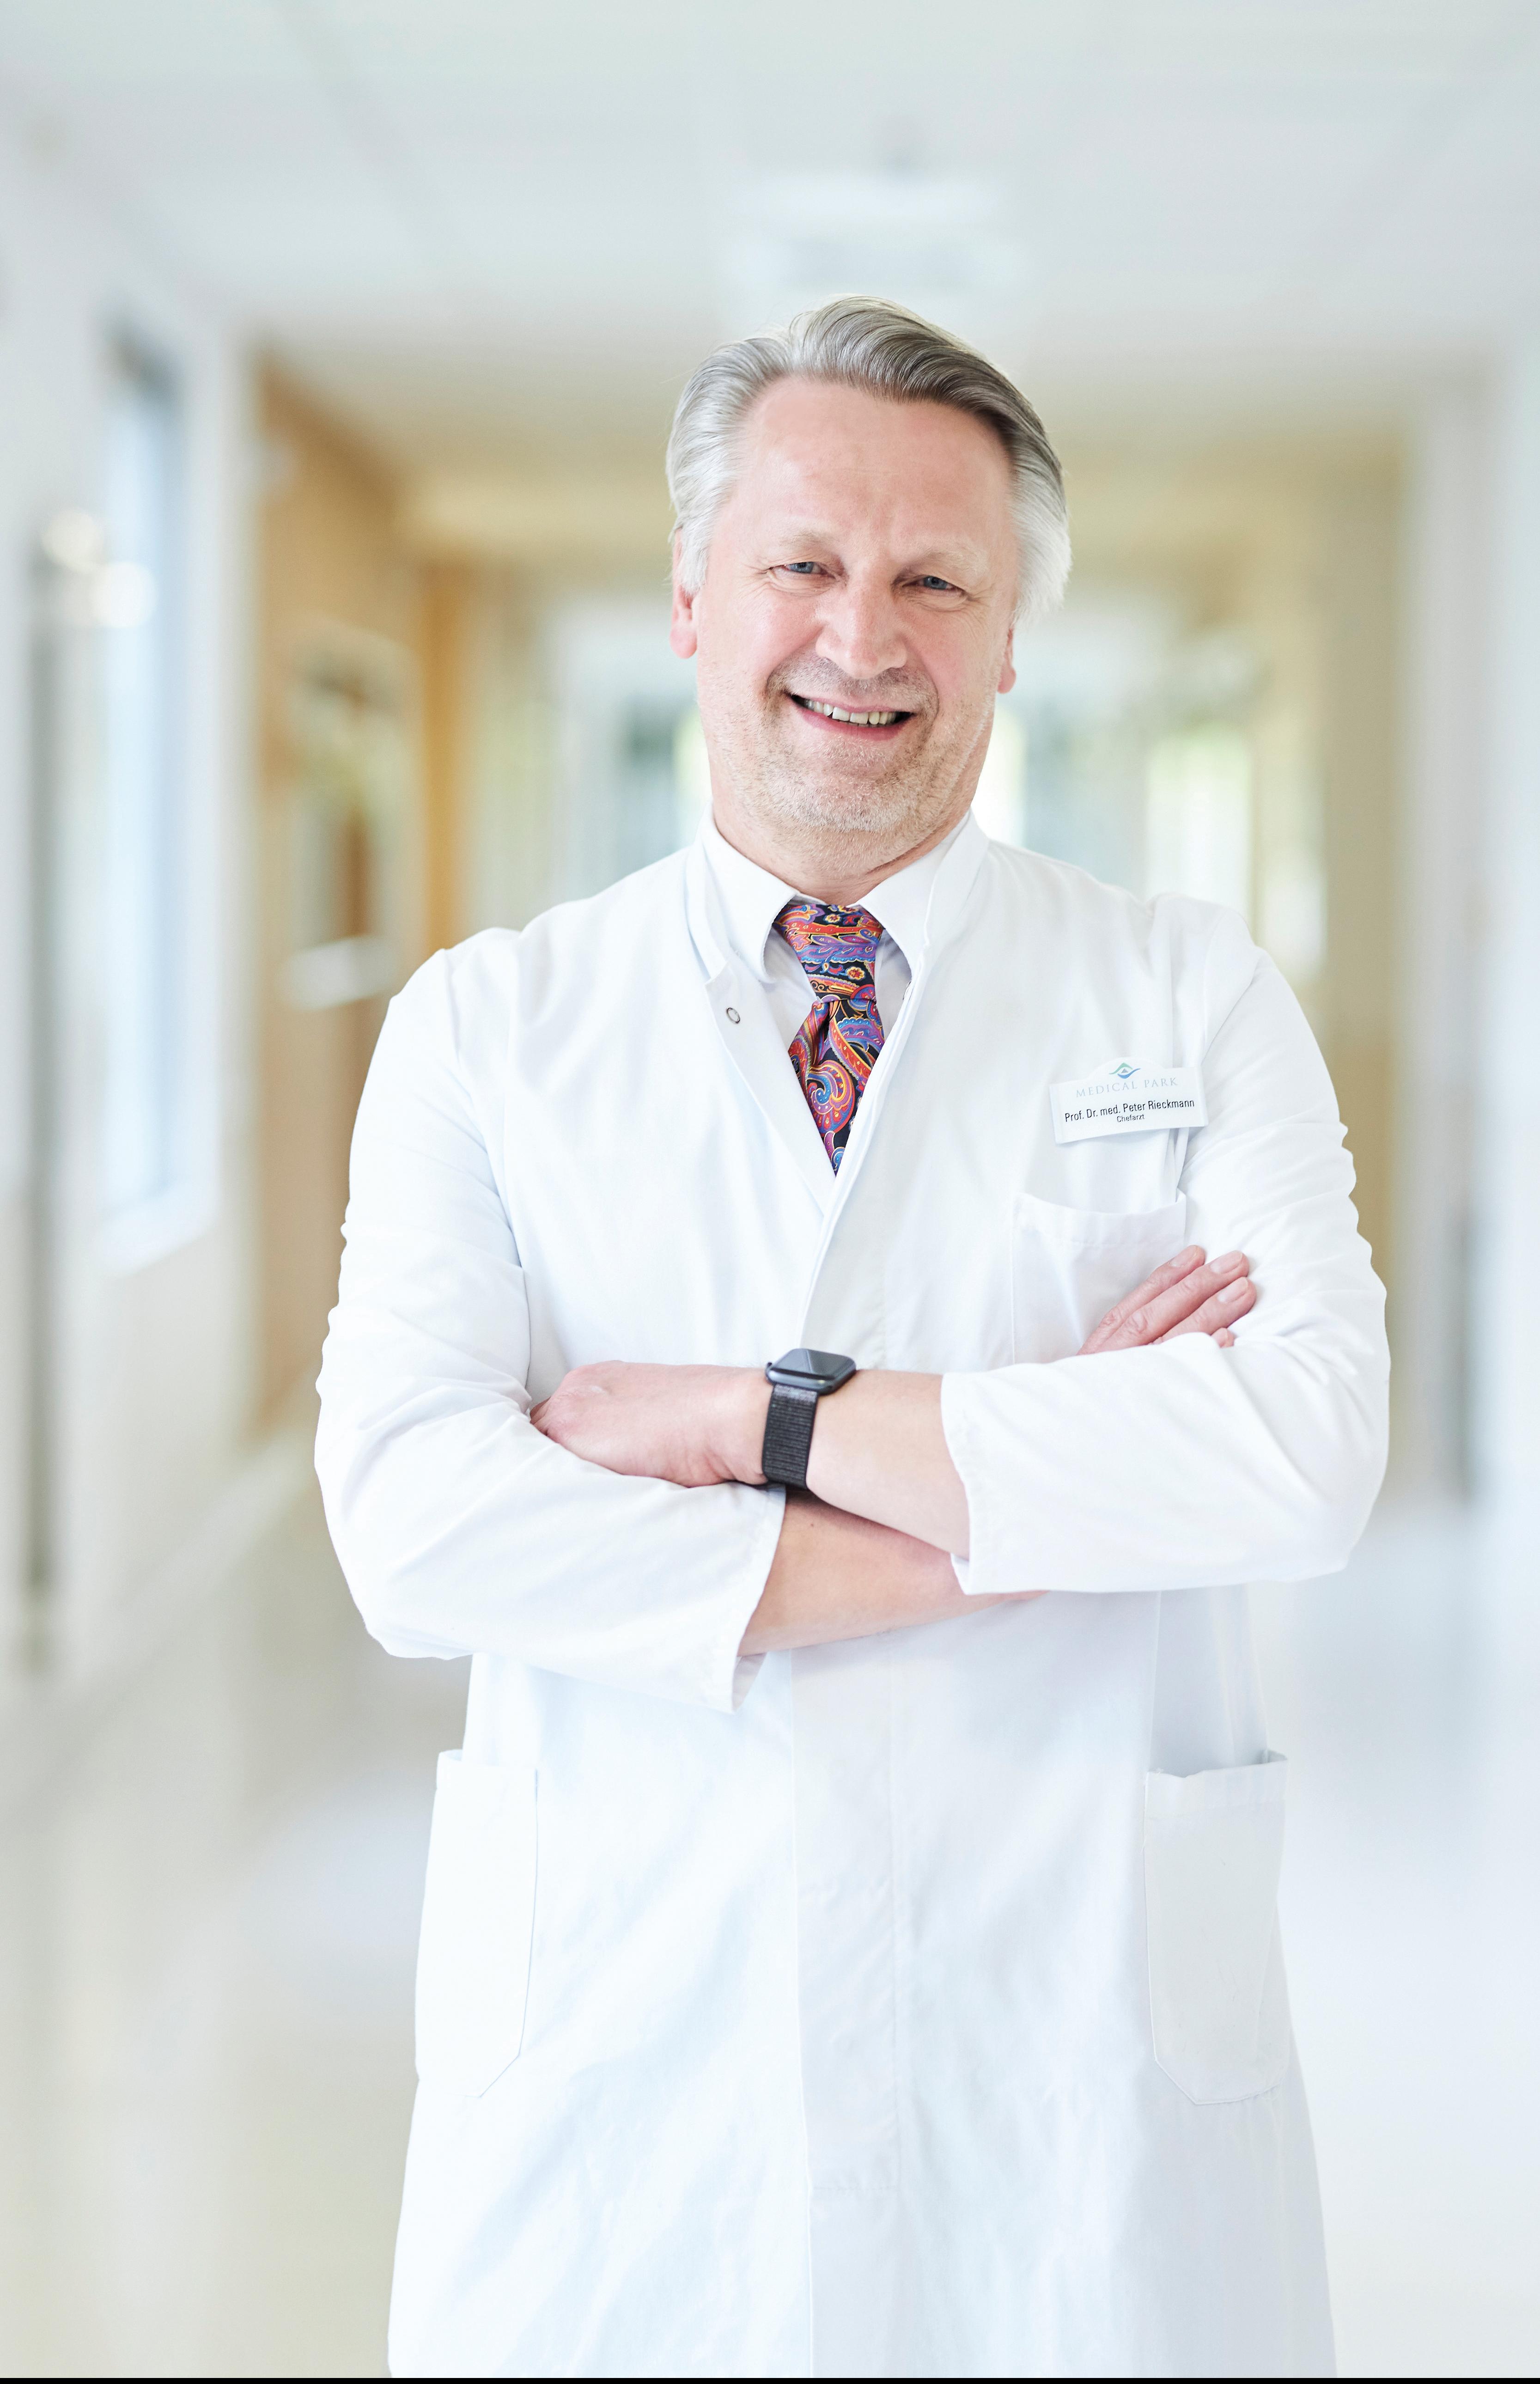 Prof. Dr. med. Peter Rieckmann, Chefarzt Neurologie Medical Park Loipl, Facharzt für Neurologie.